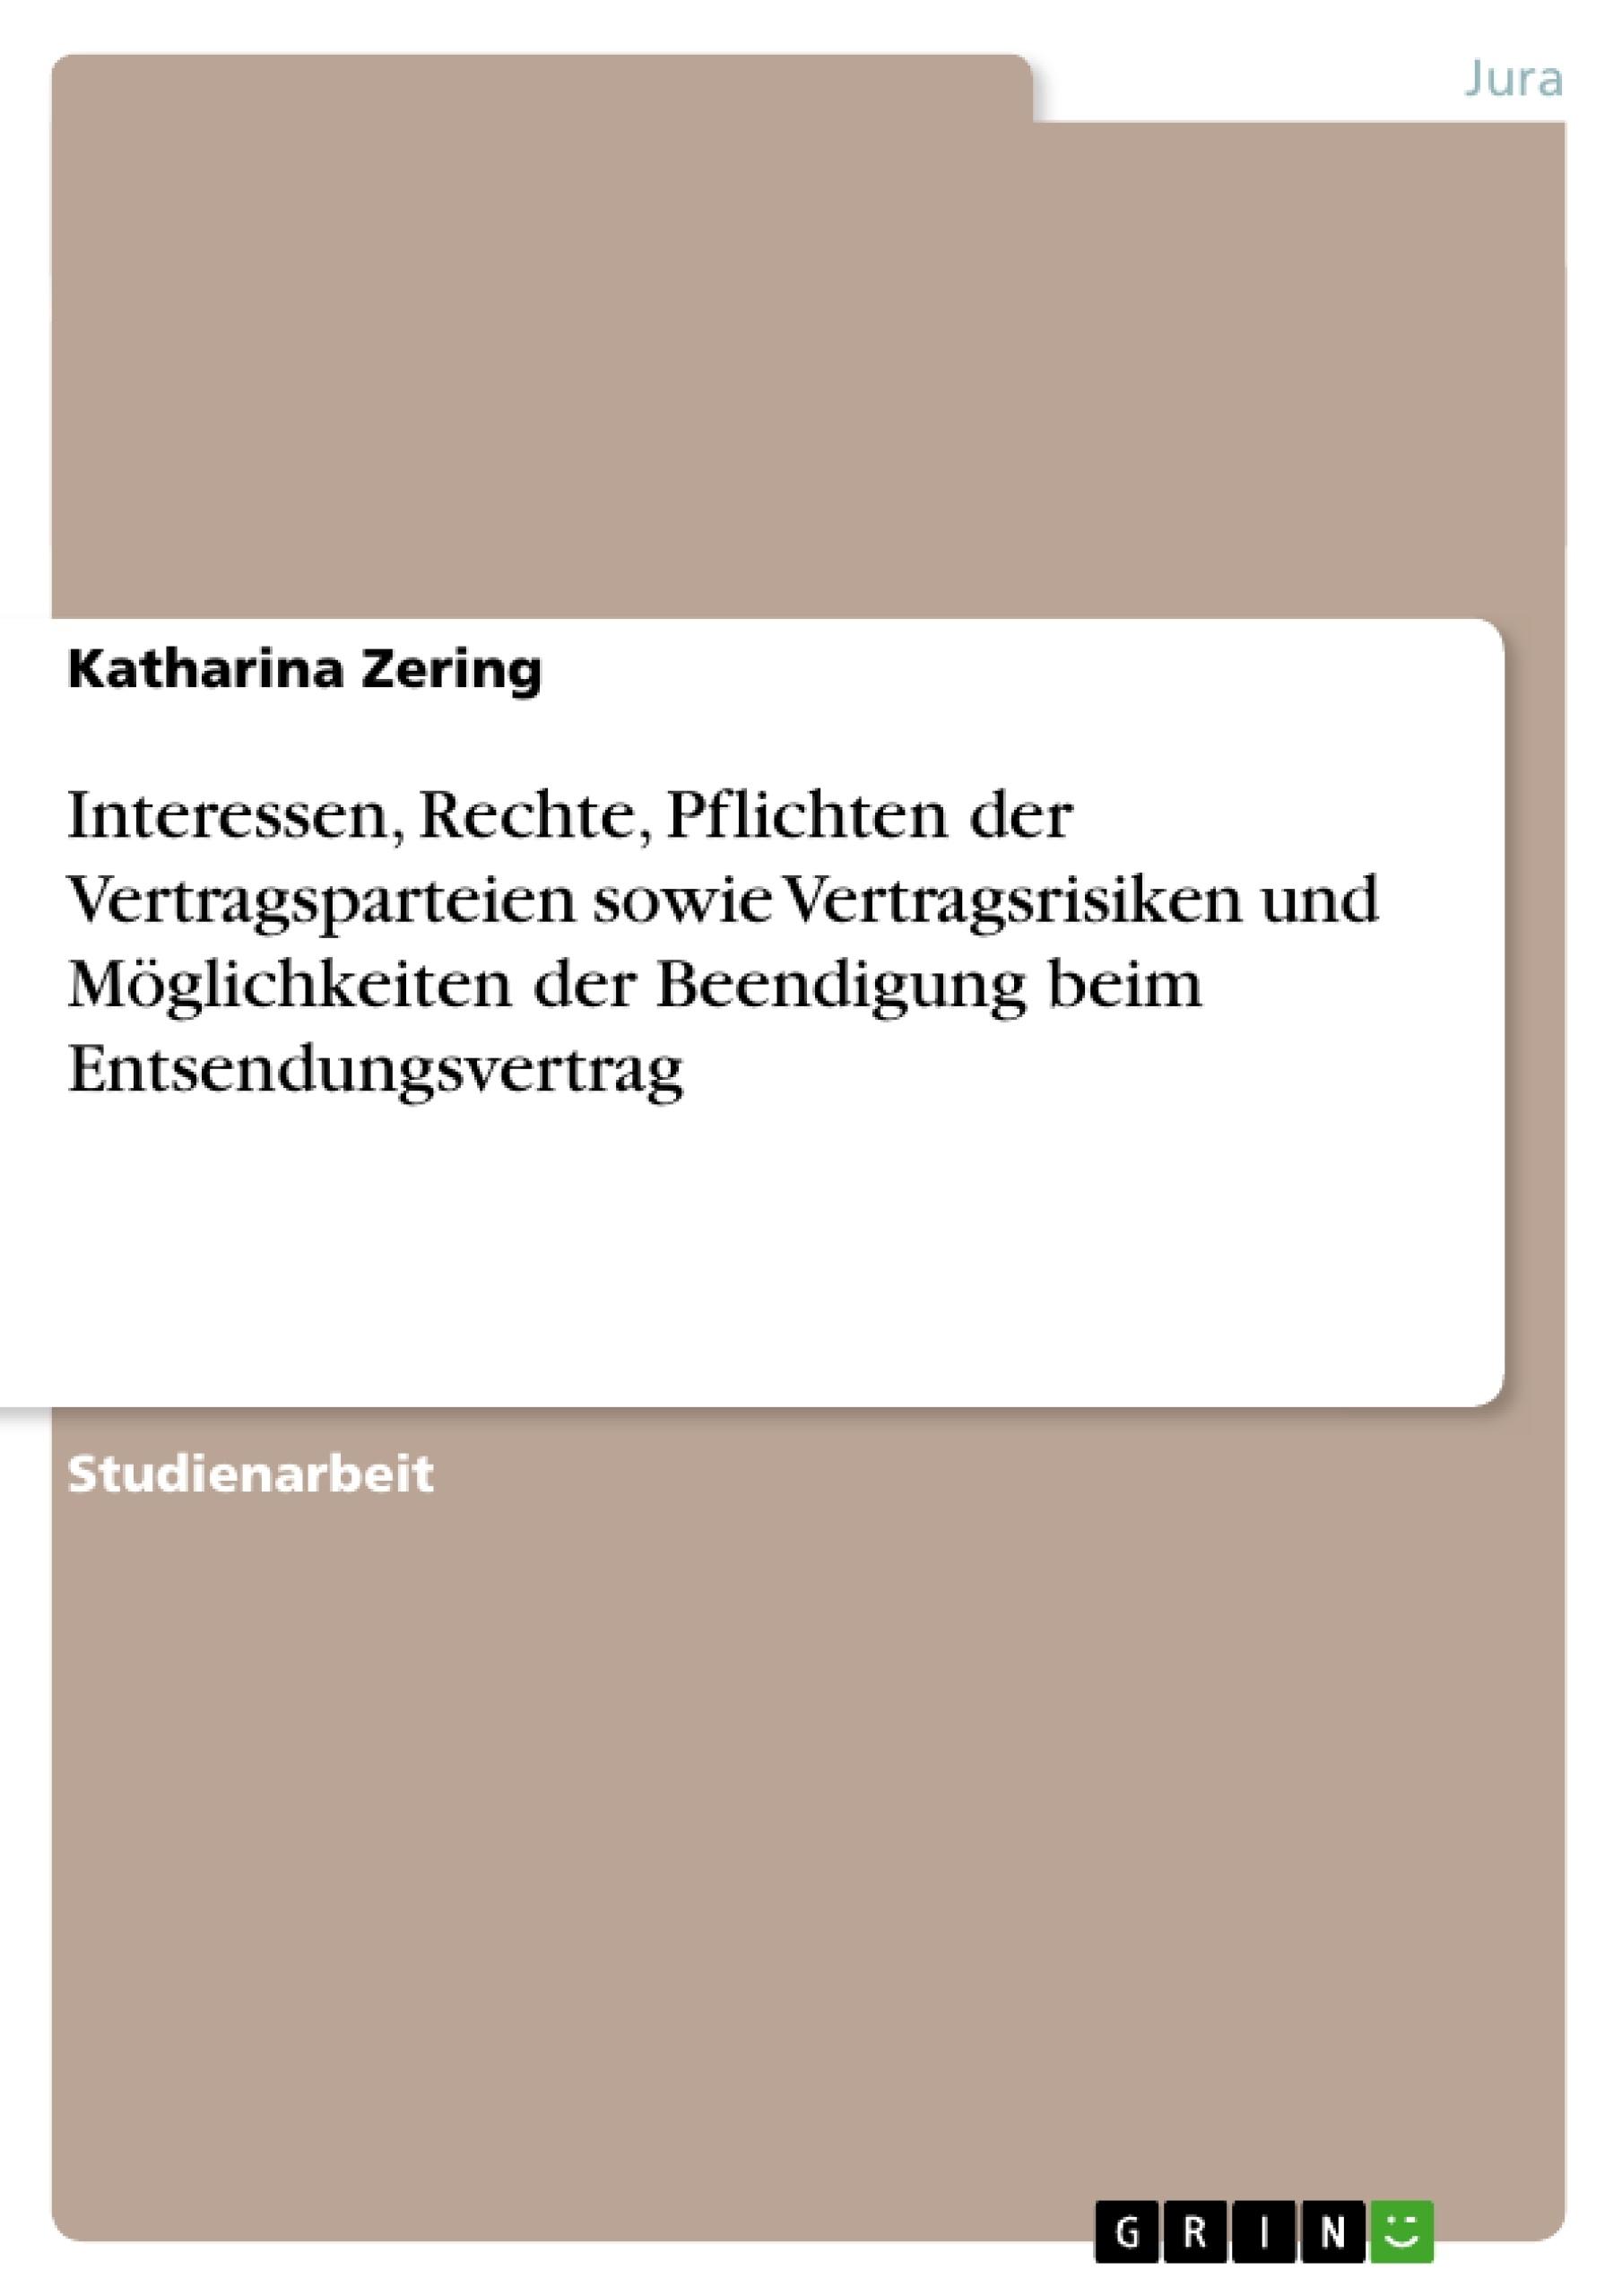 Titel: Interessen, Rechte, Pflichten der Vertragsparteien sowie Vertragsrisiken und Möglichkeiten der Beendigung beim Entsendungsvertrag